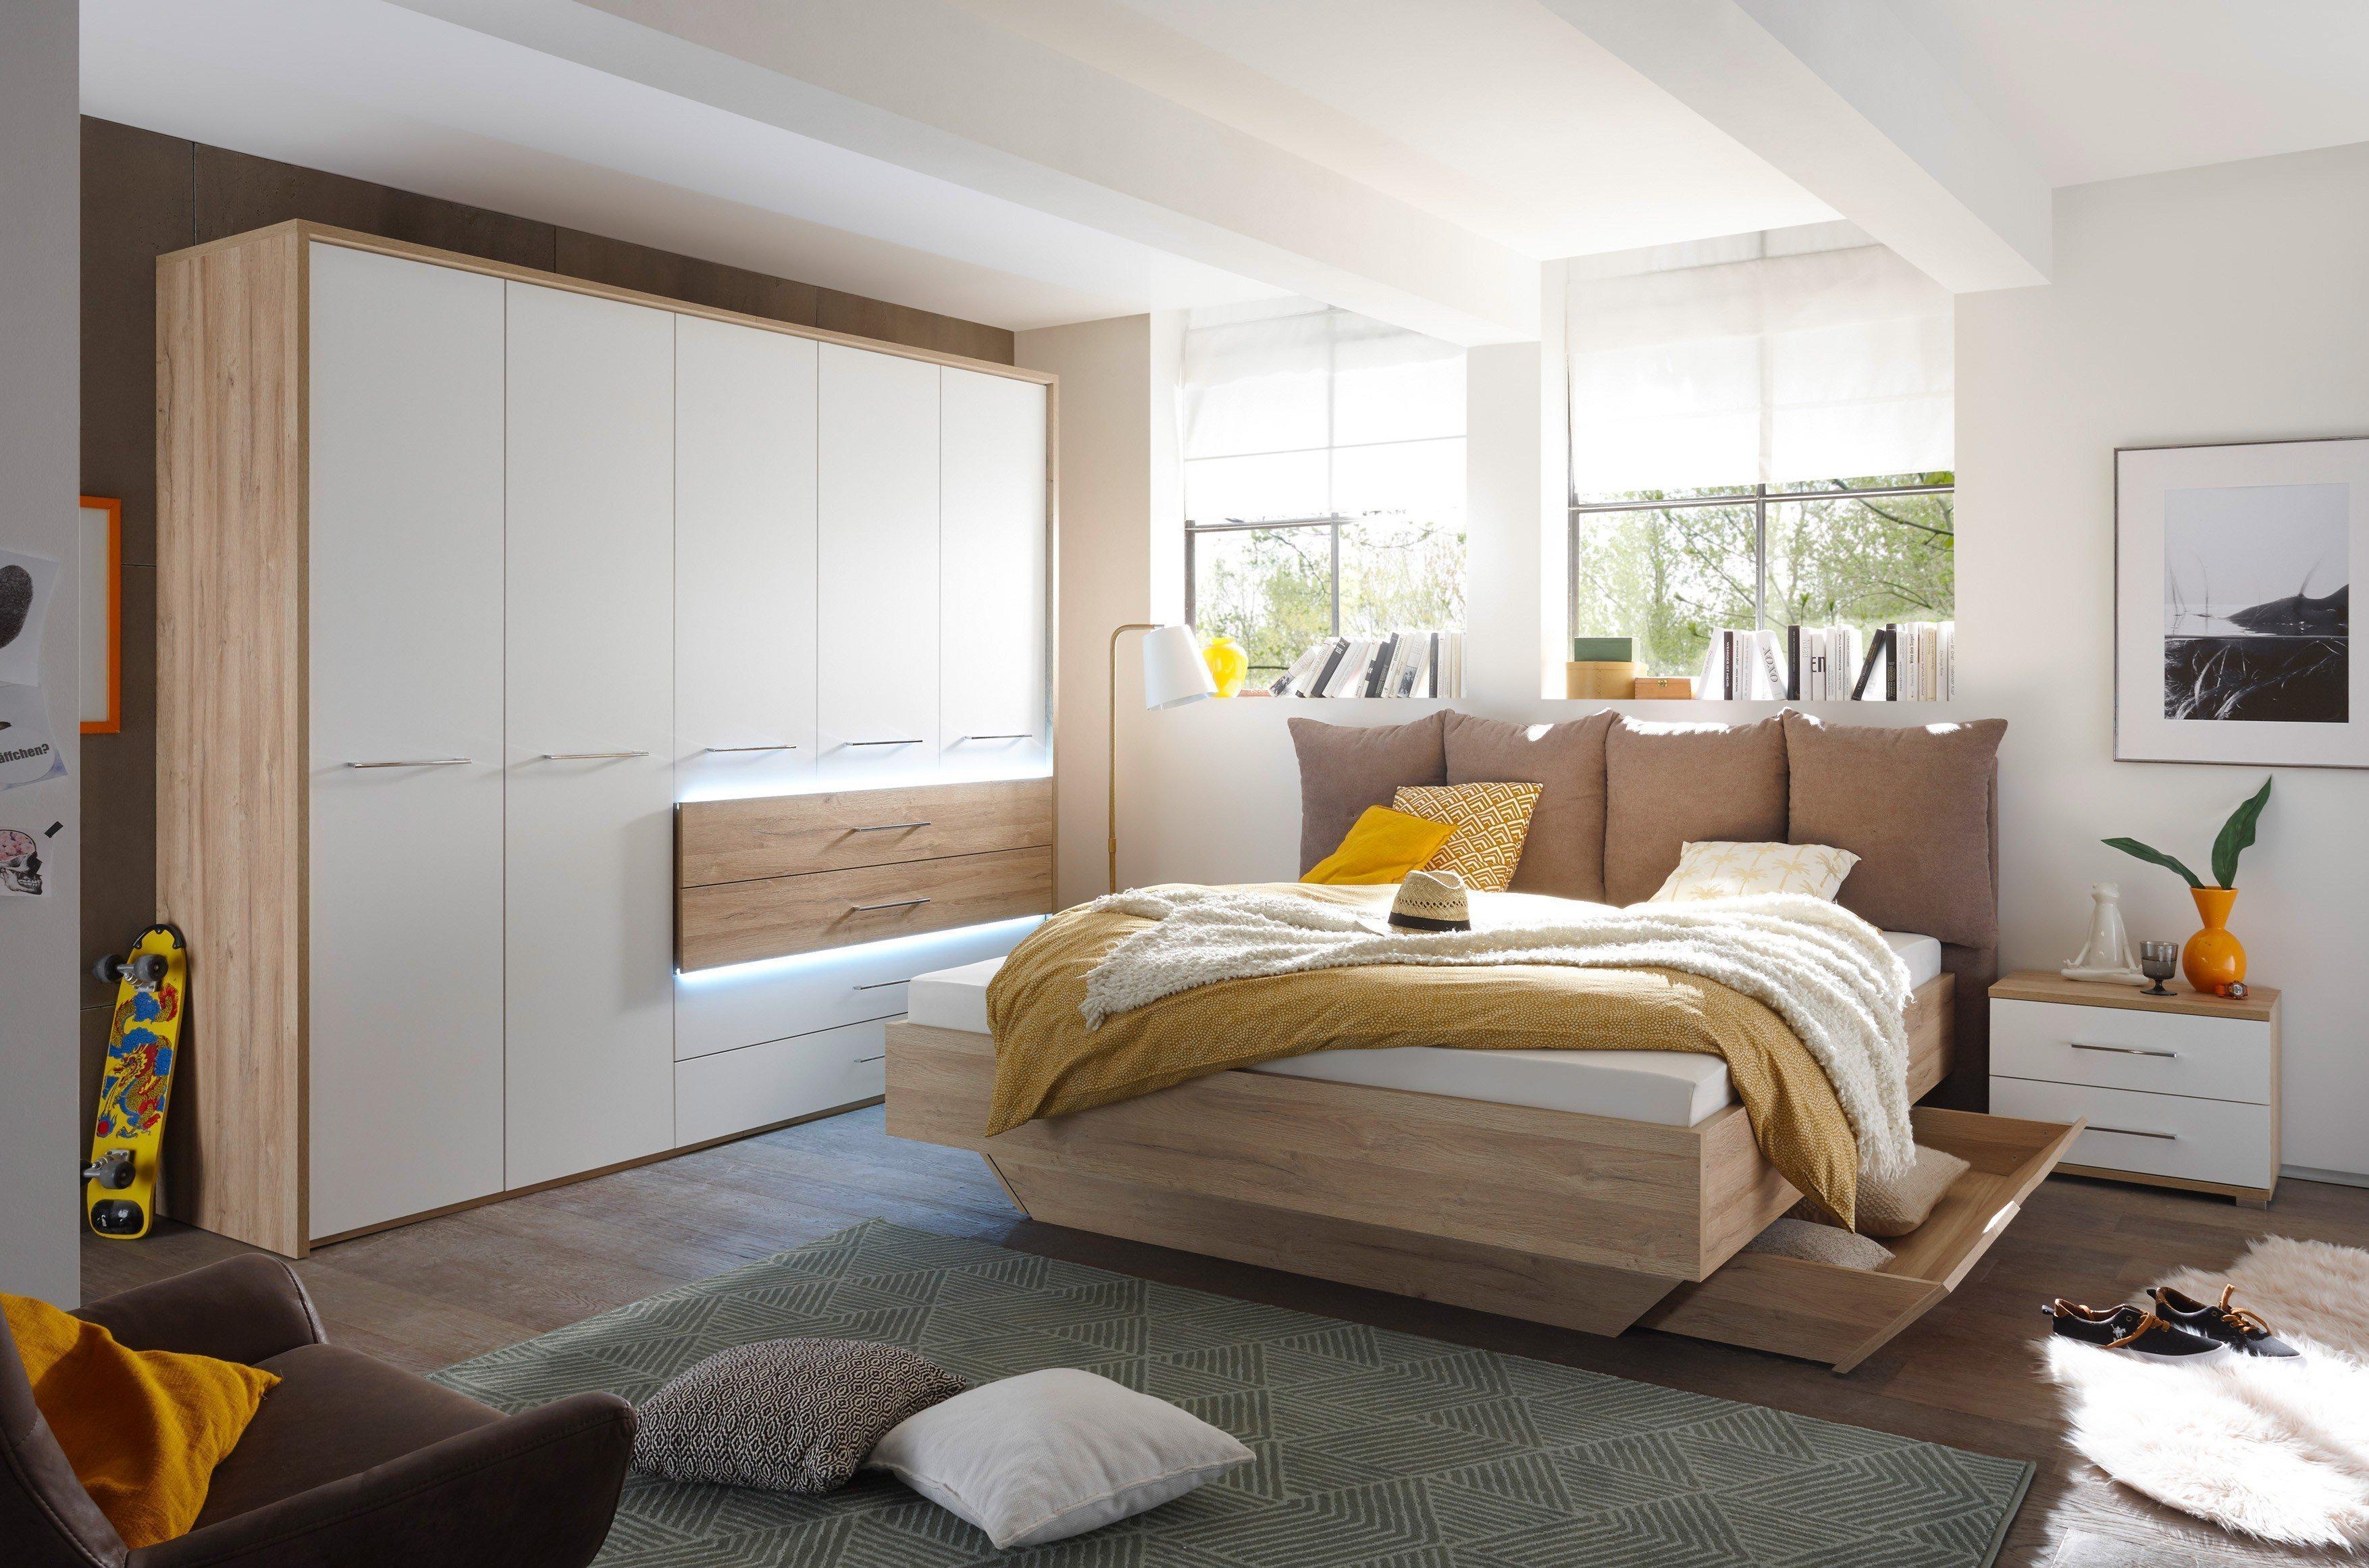 schlafkontor schlafzimmer gamma cleveland eiche nachbildung m bel letz ihr online shop. Black Bedroom Furniture Sets. Home Design Ideas